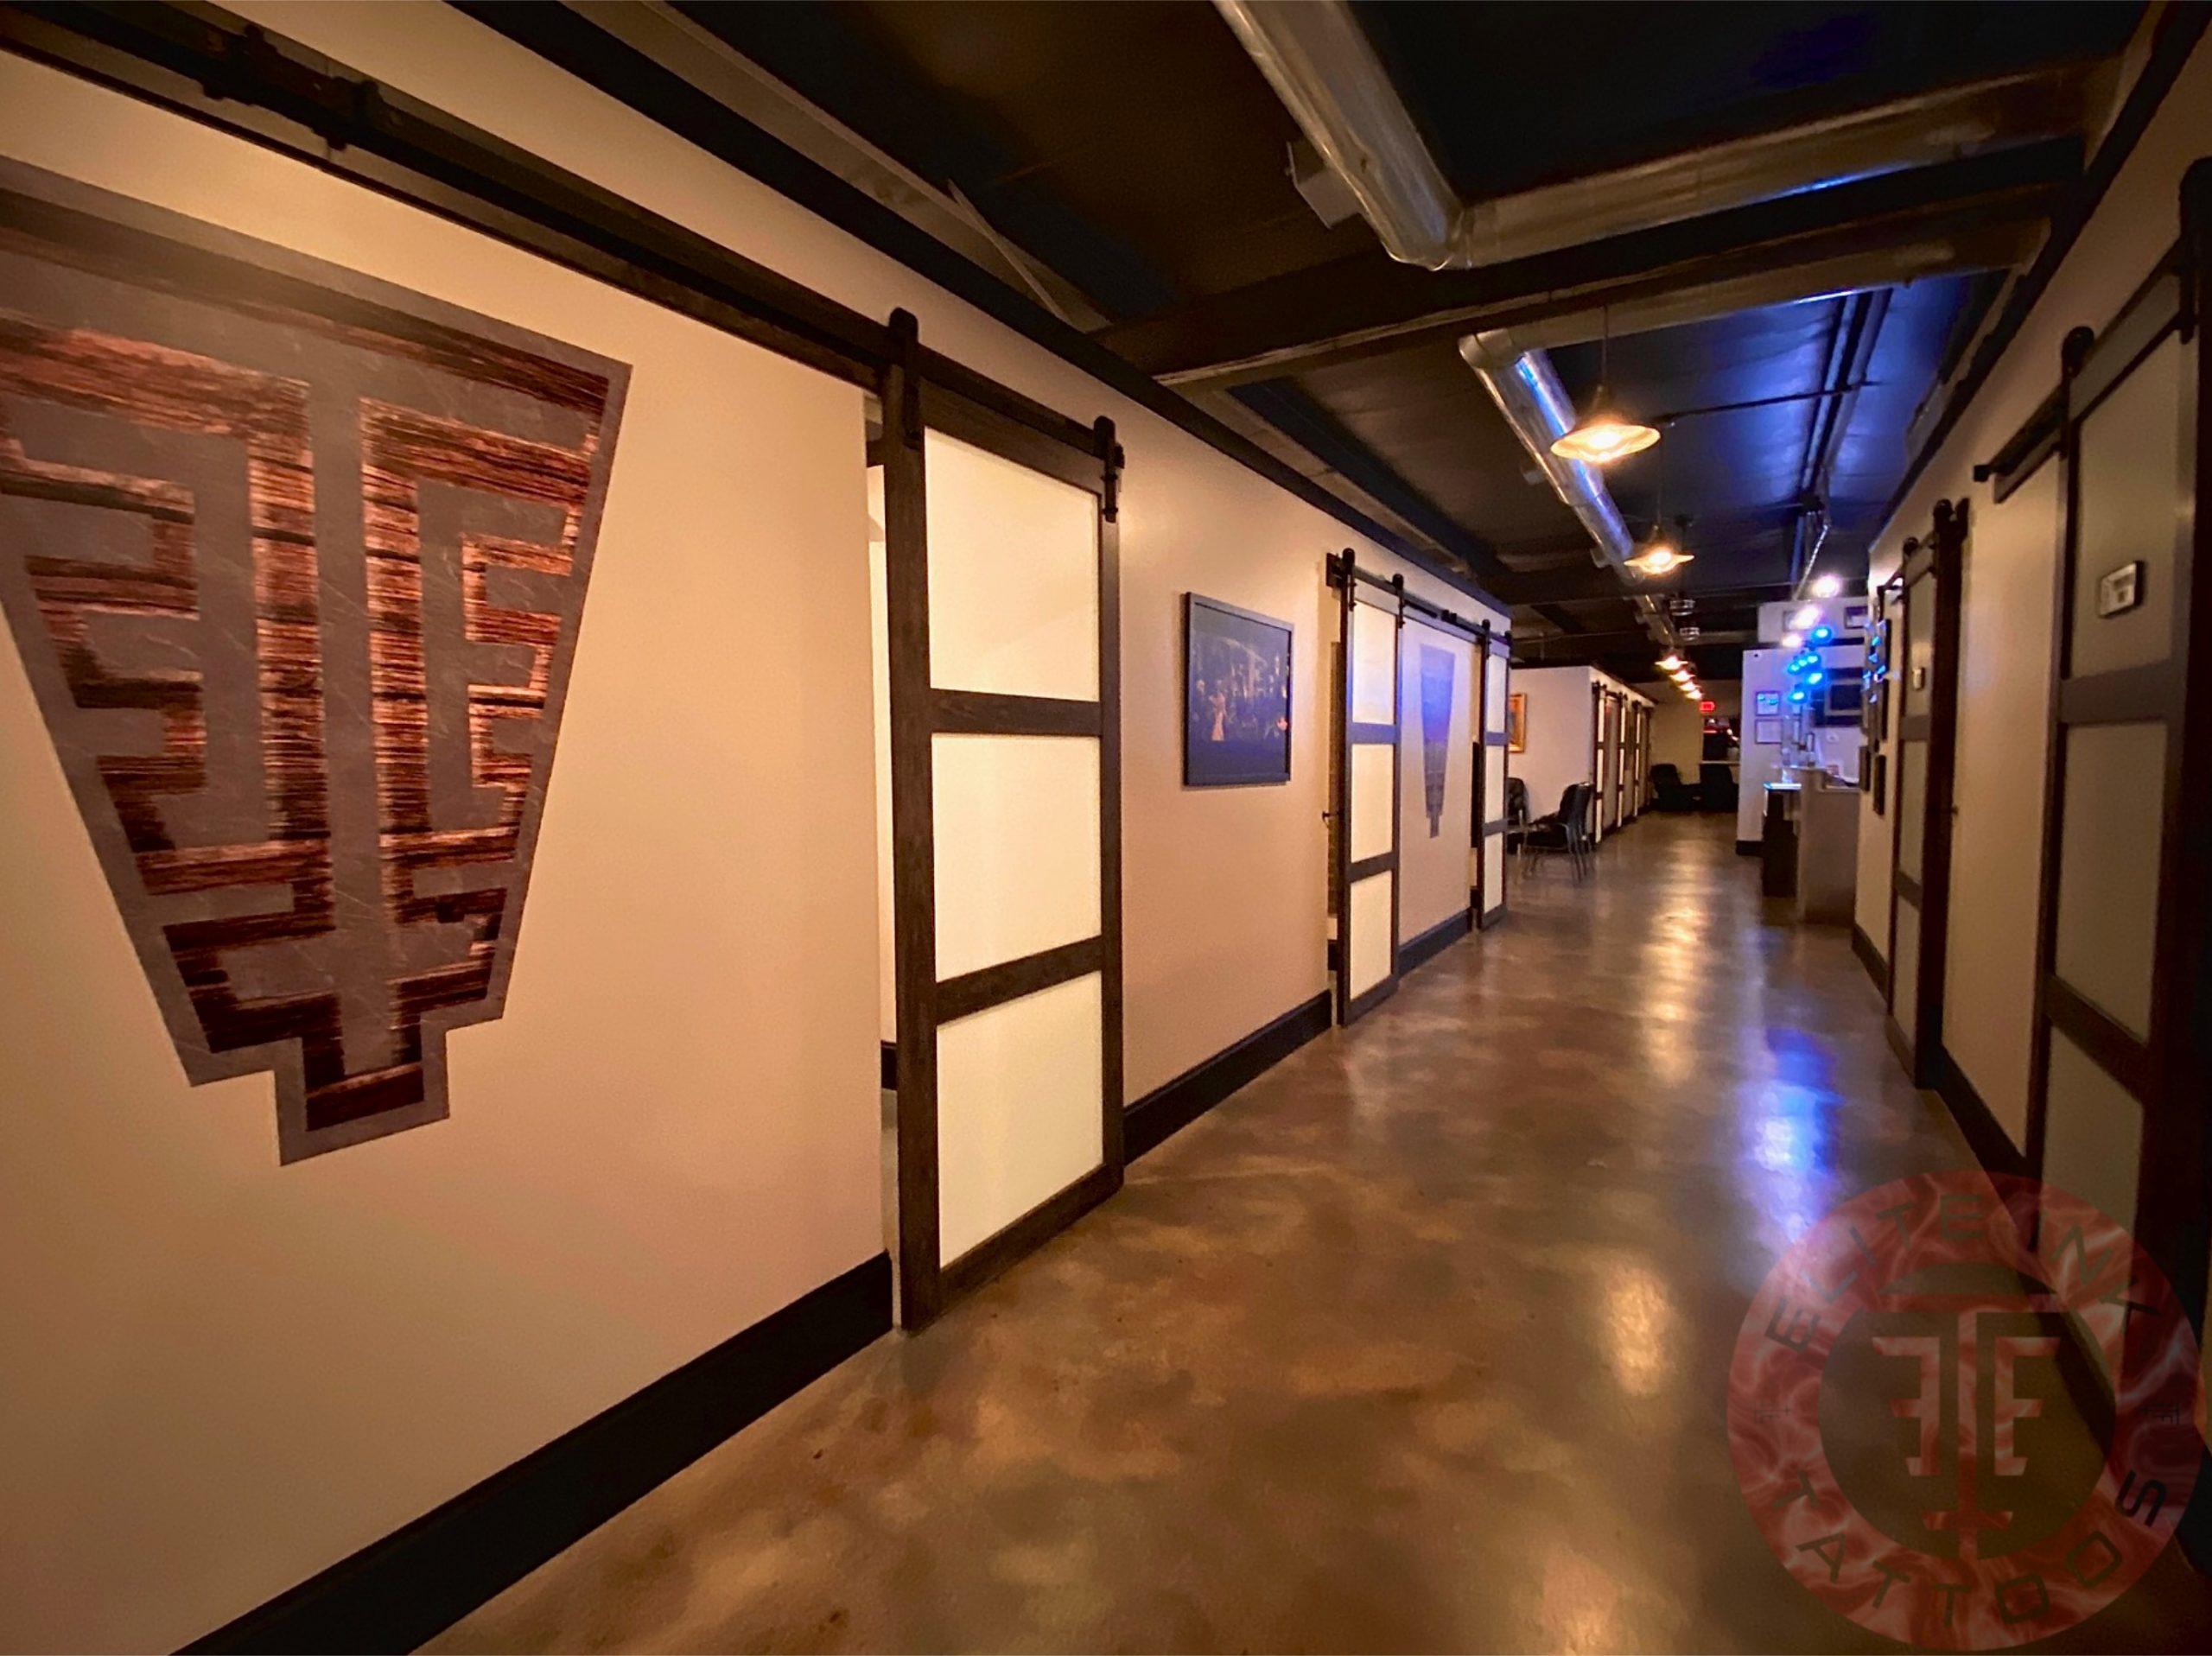 Gallery. 7E459683-6E02-4903-B302-20E908209CD6